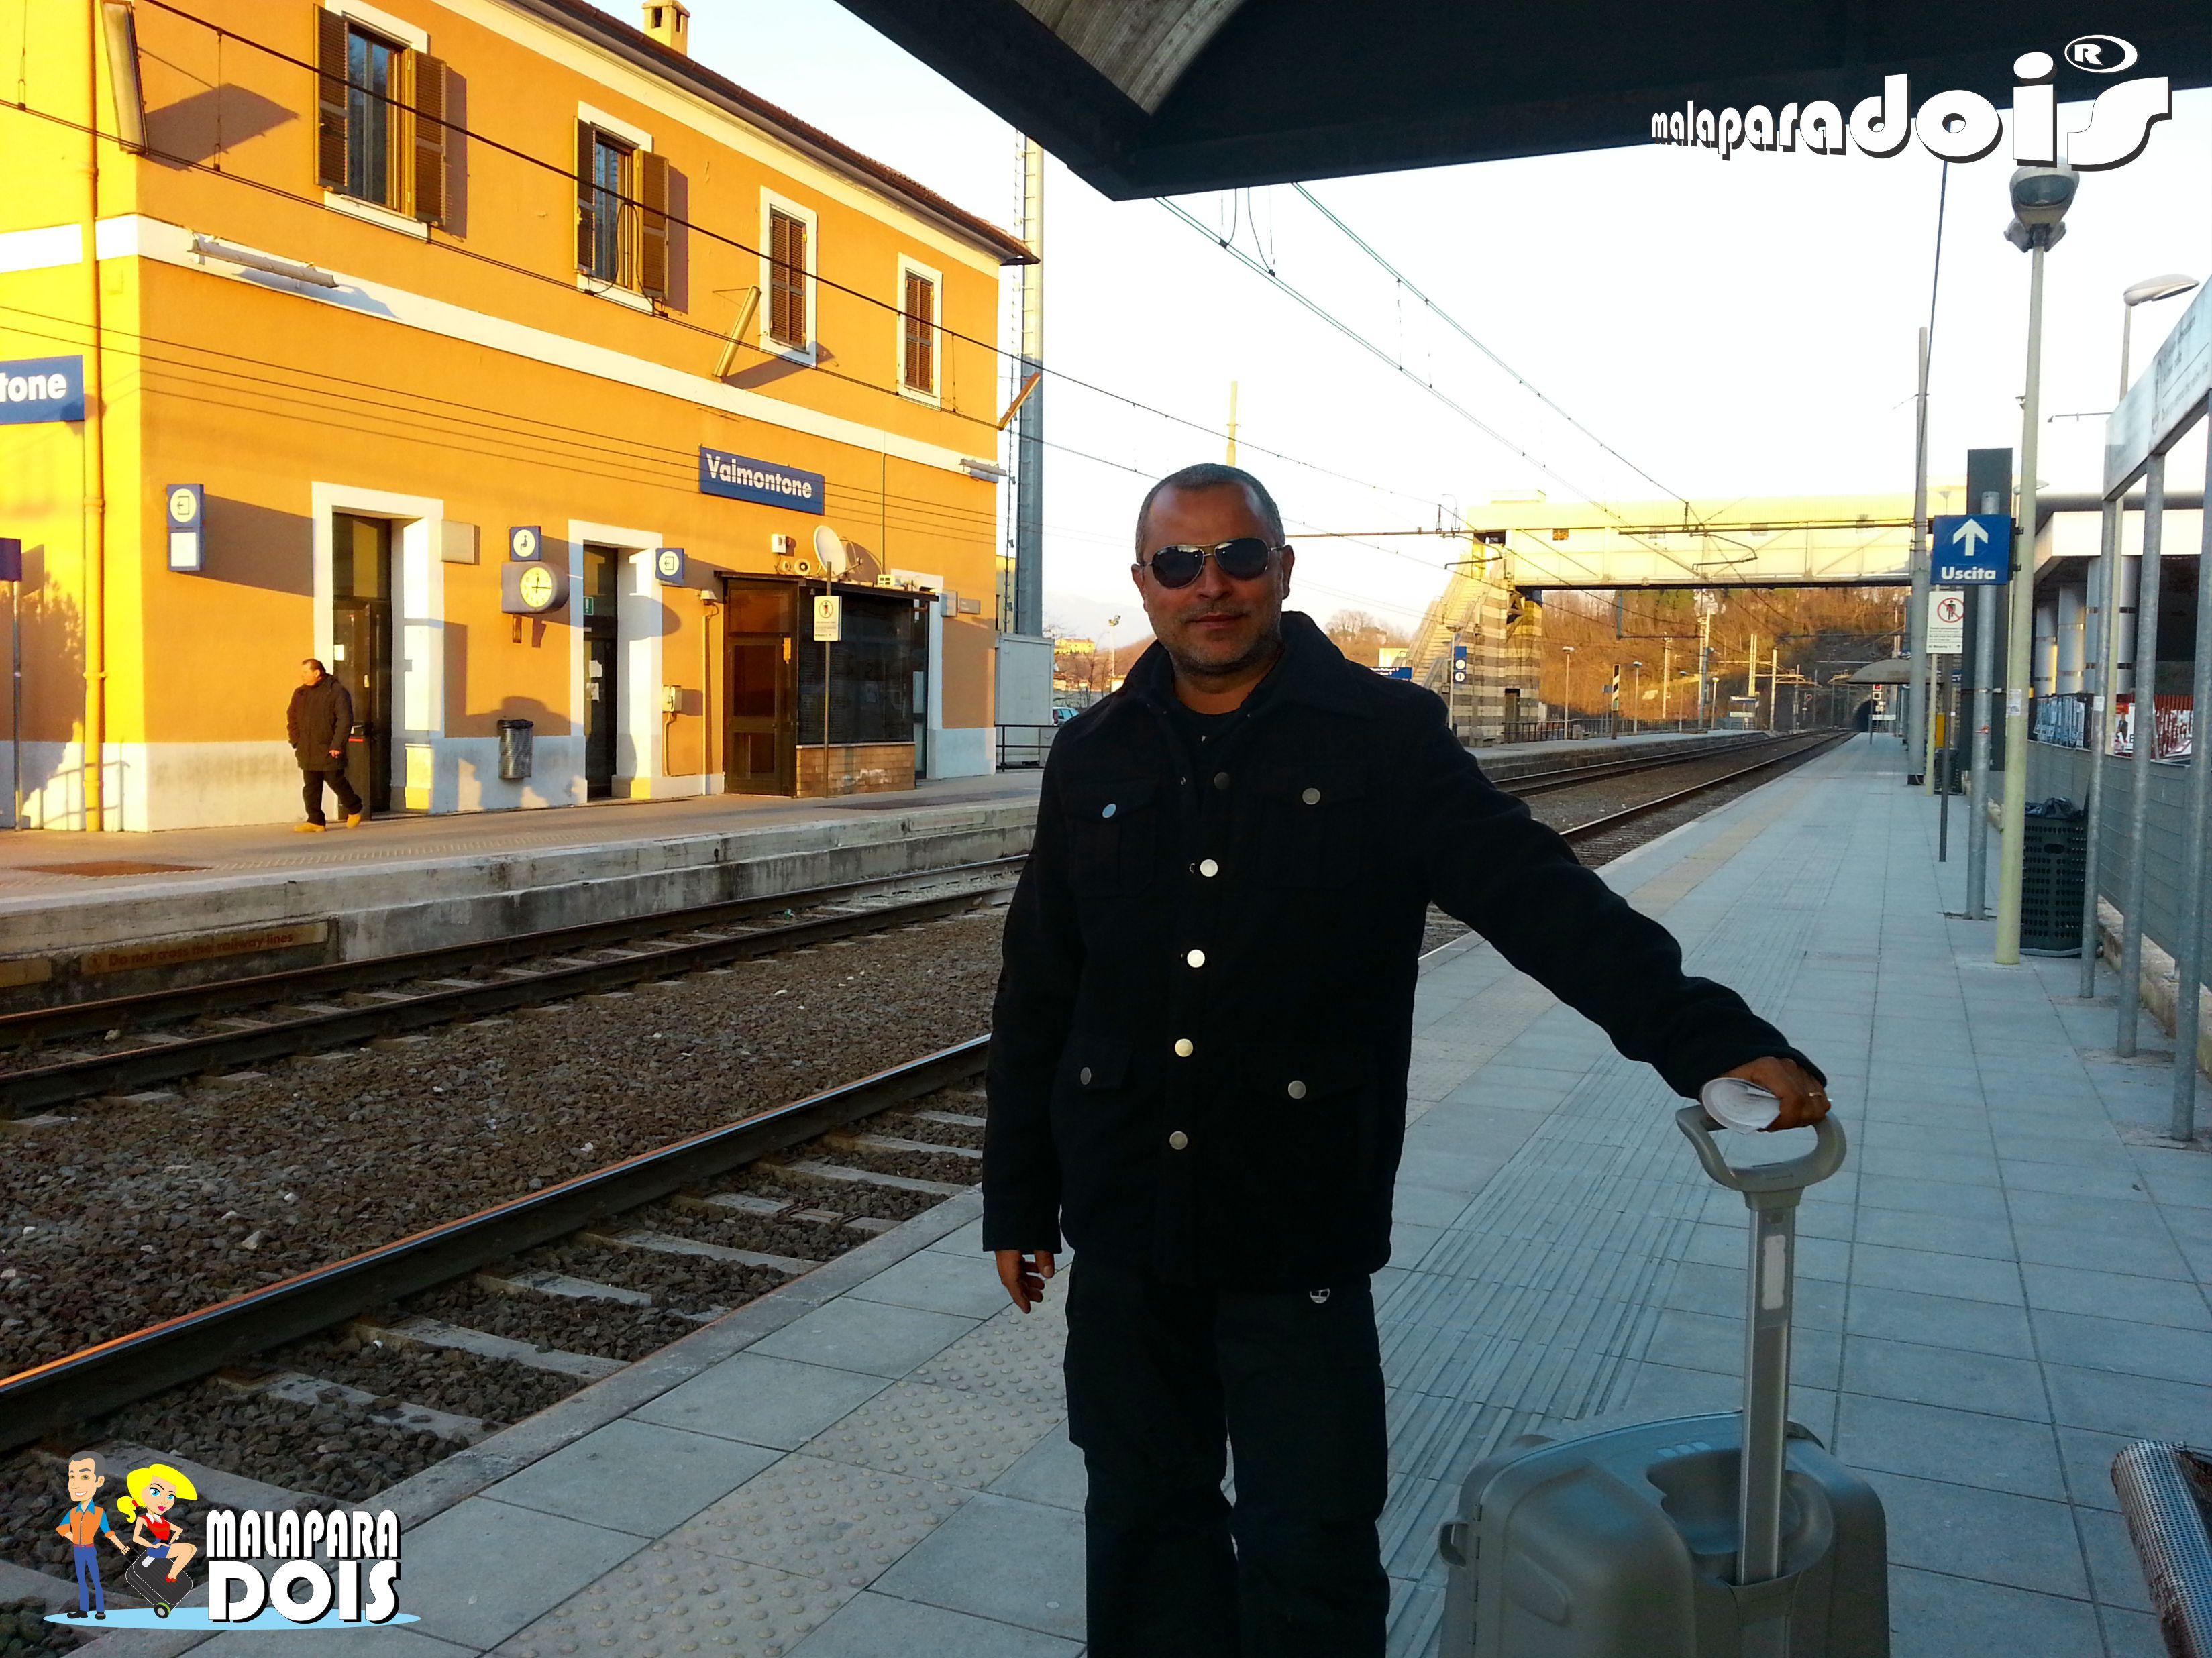 Estação de Valmontone